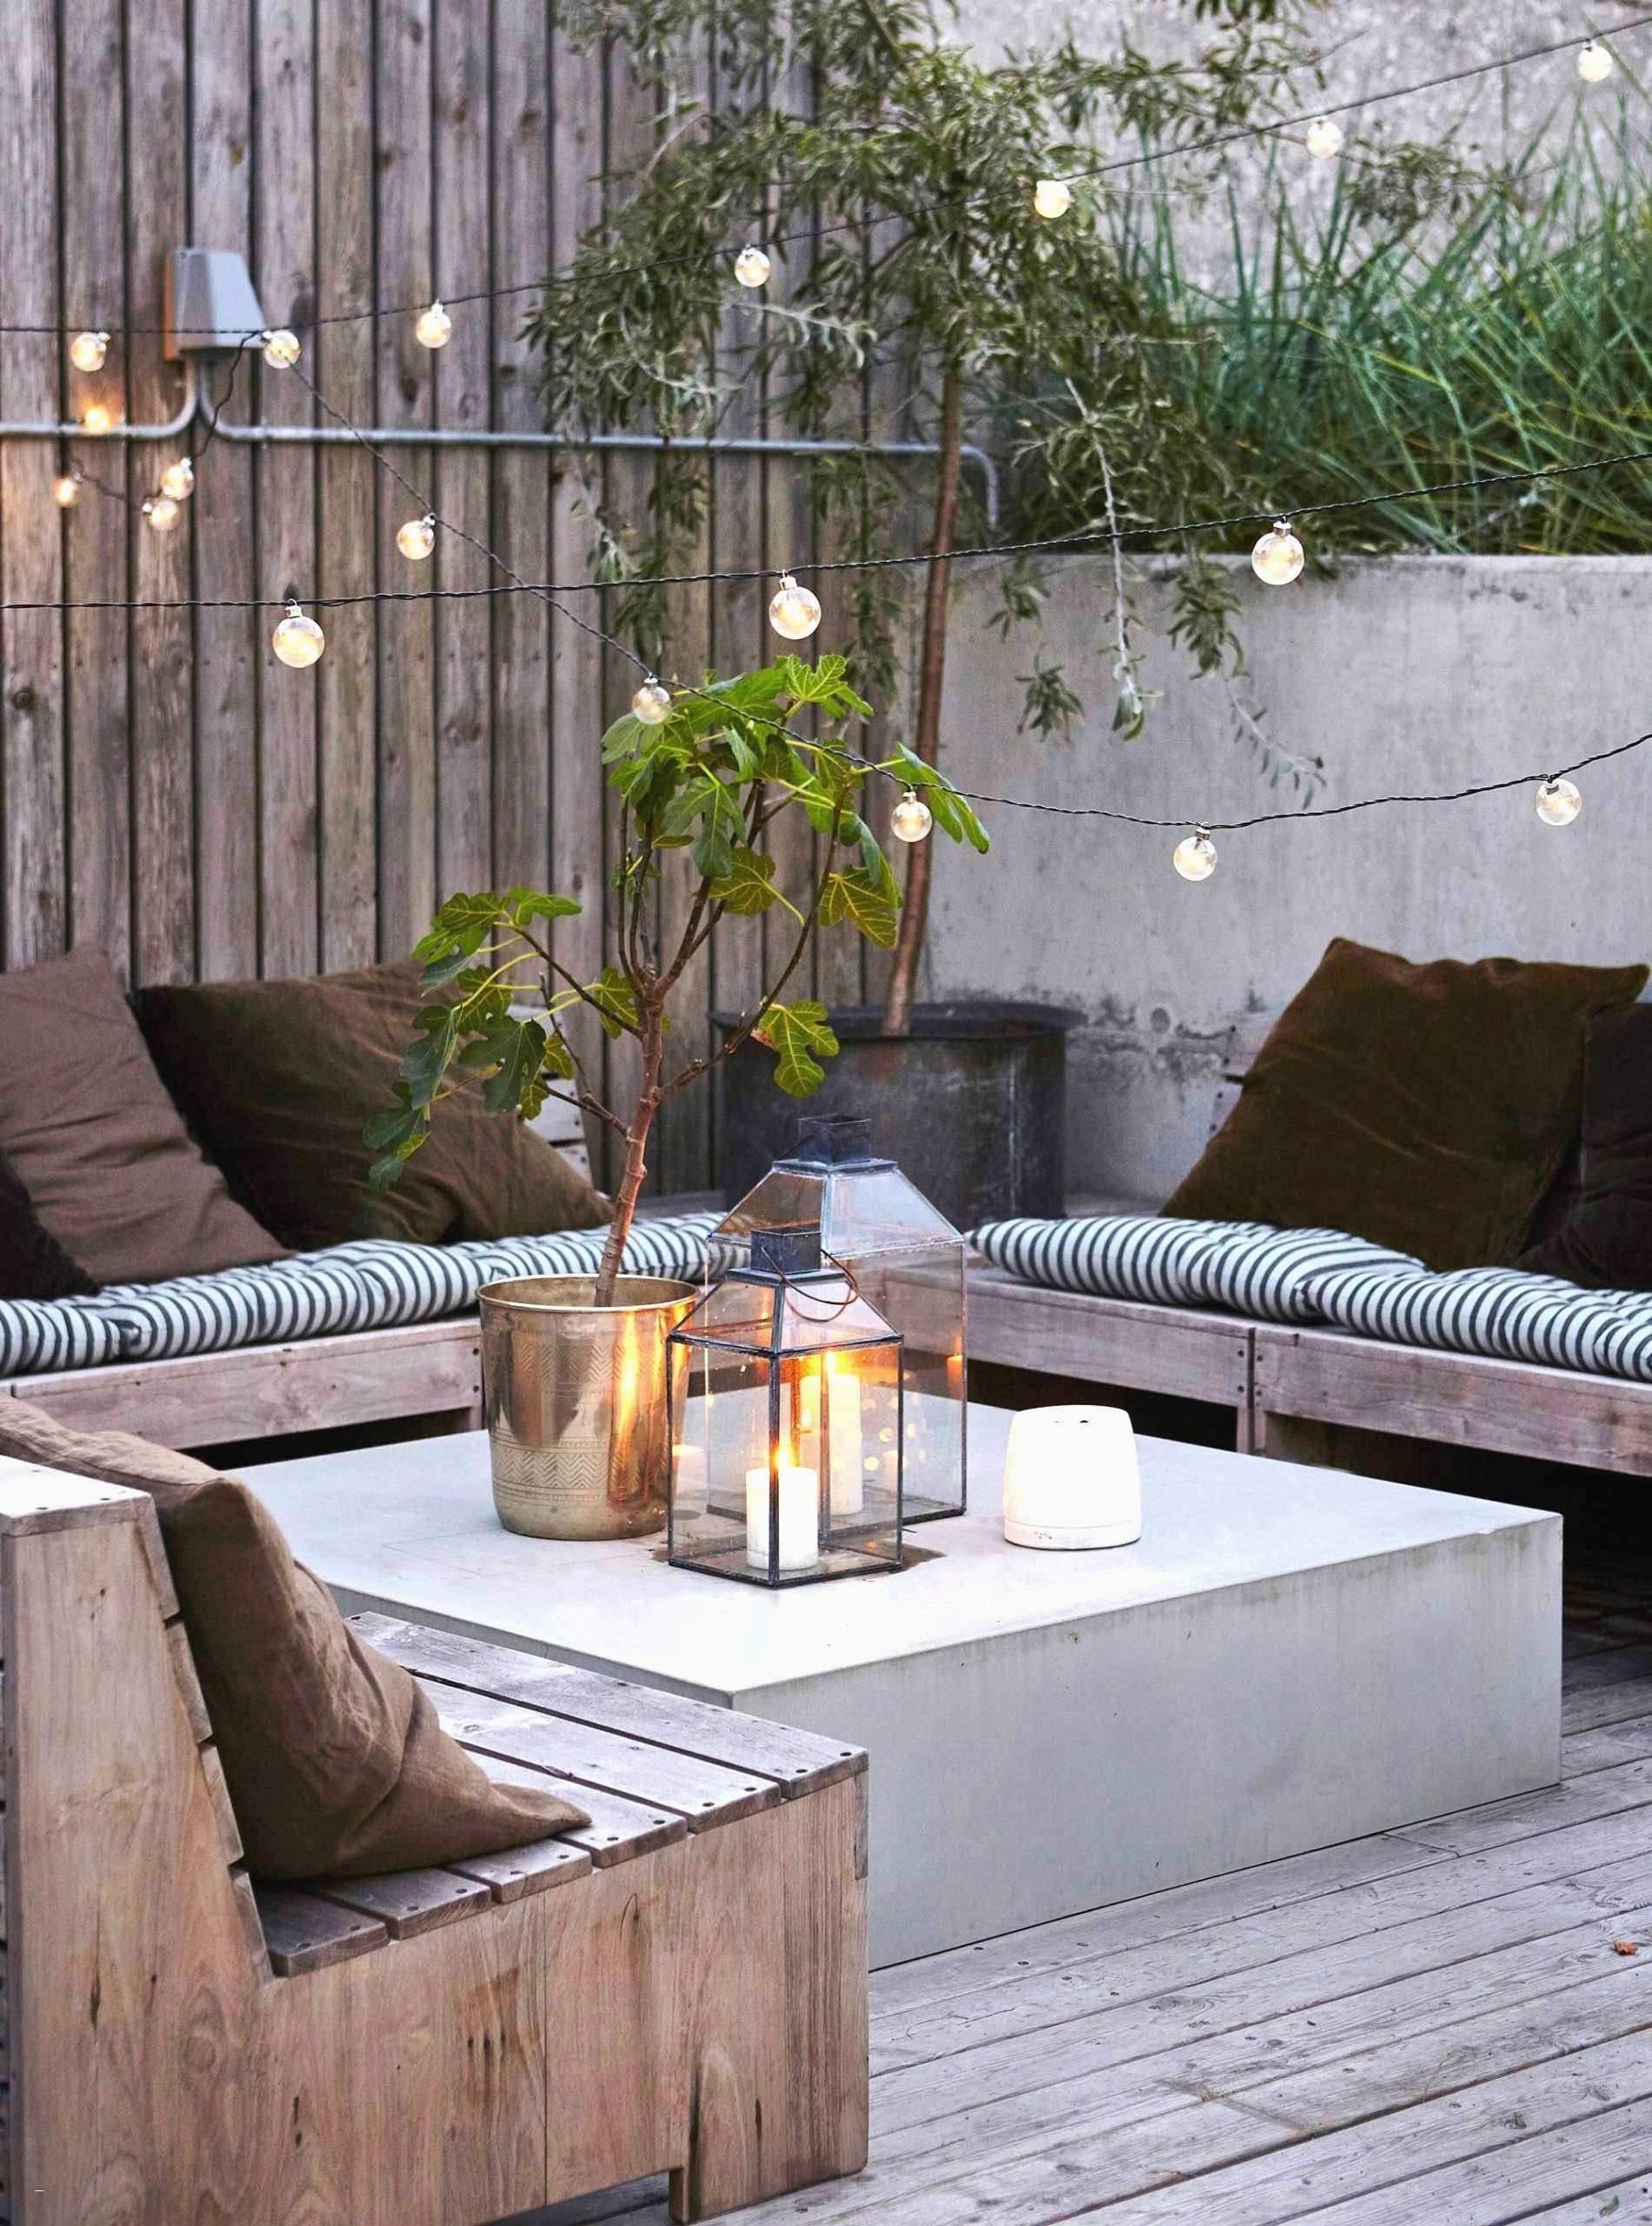 Deko Ideen Für Den Garten Schön 26 Neu Wohnzimmer Ideen Für Kleine Räume Frisch